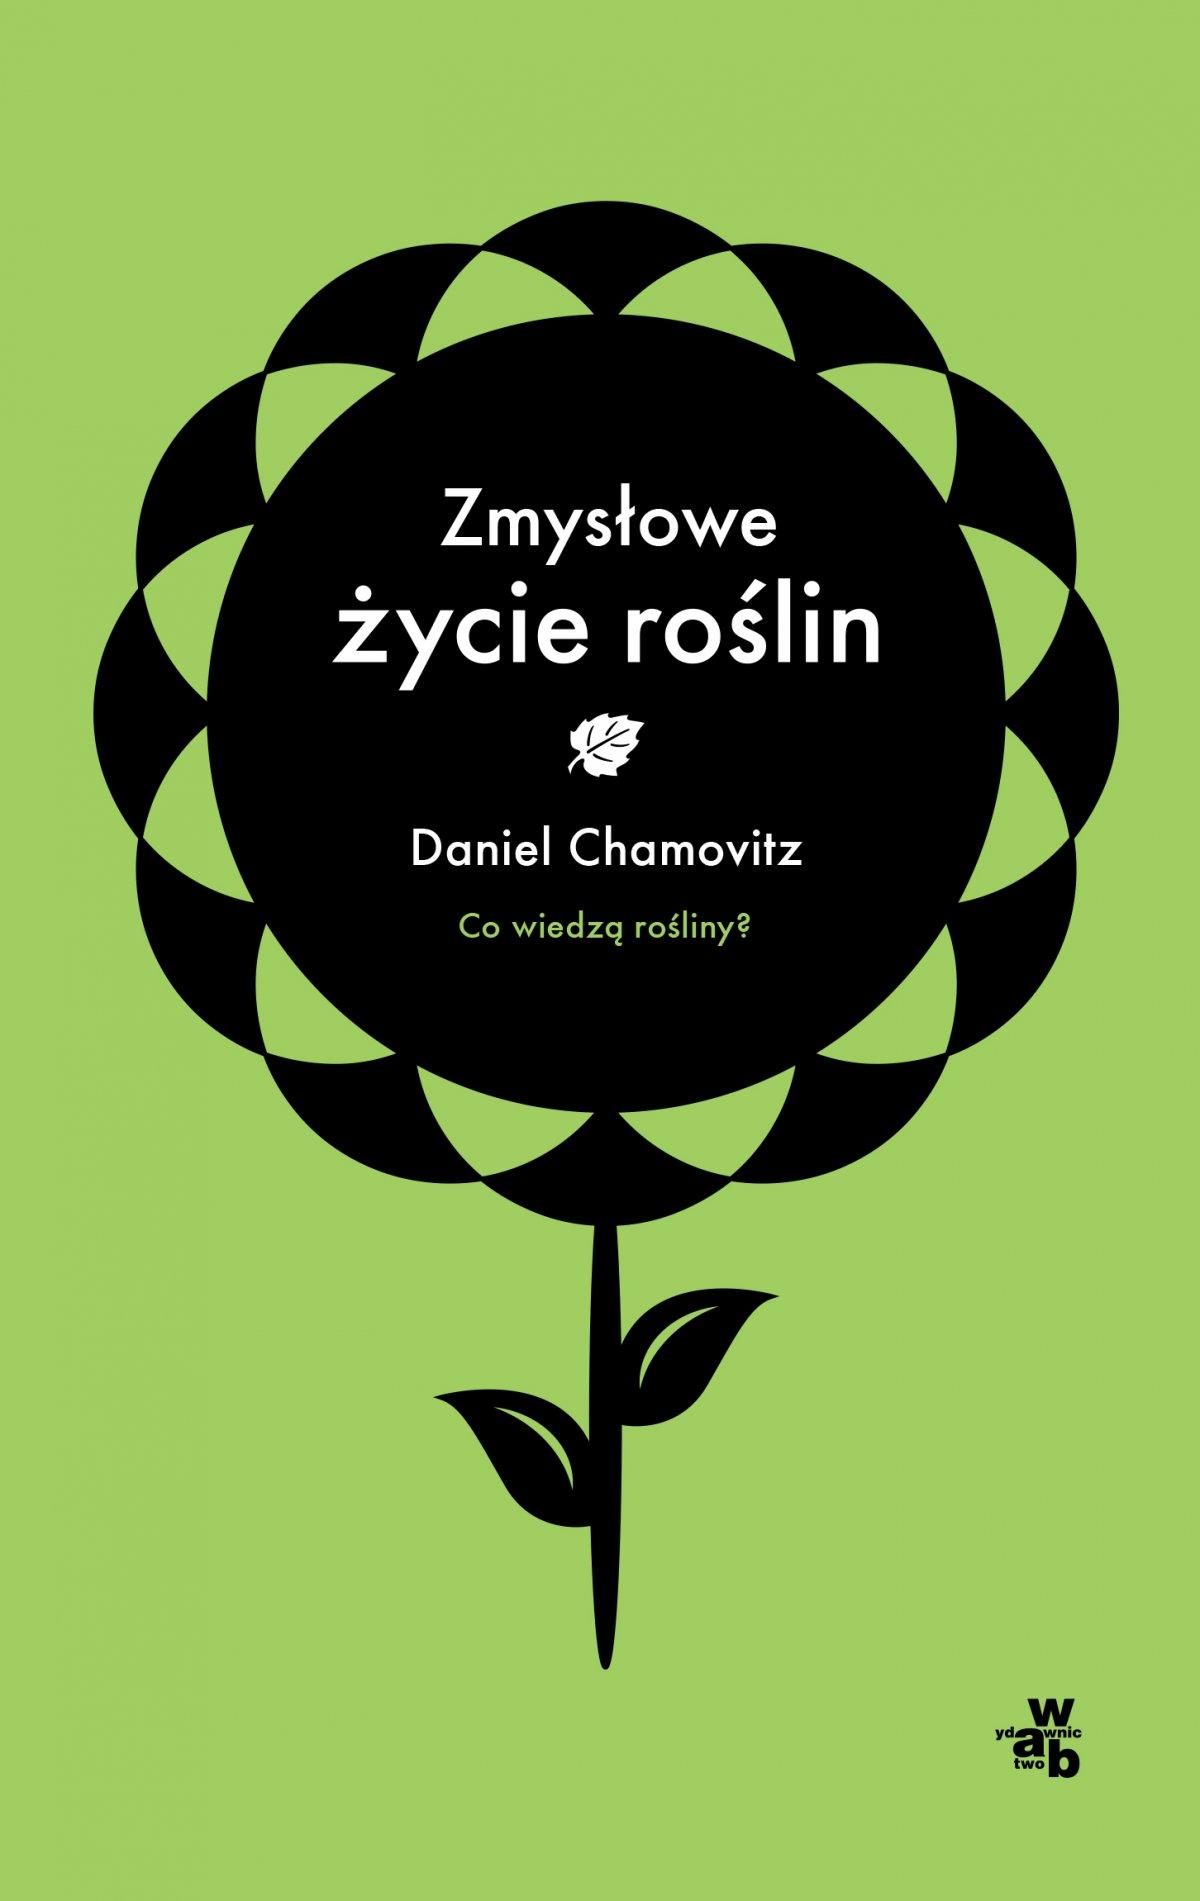 Zmysłowe życie roślin - Daniel Chamowitz